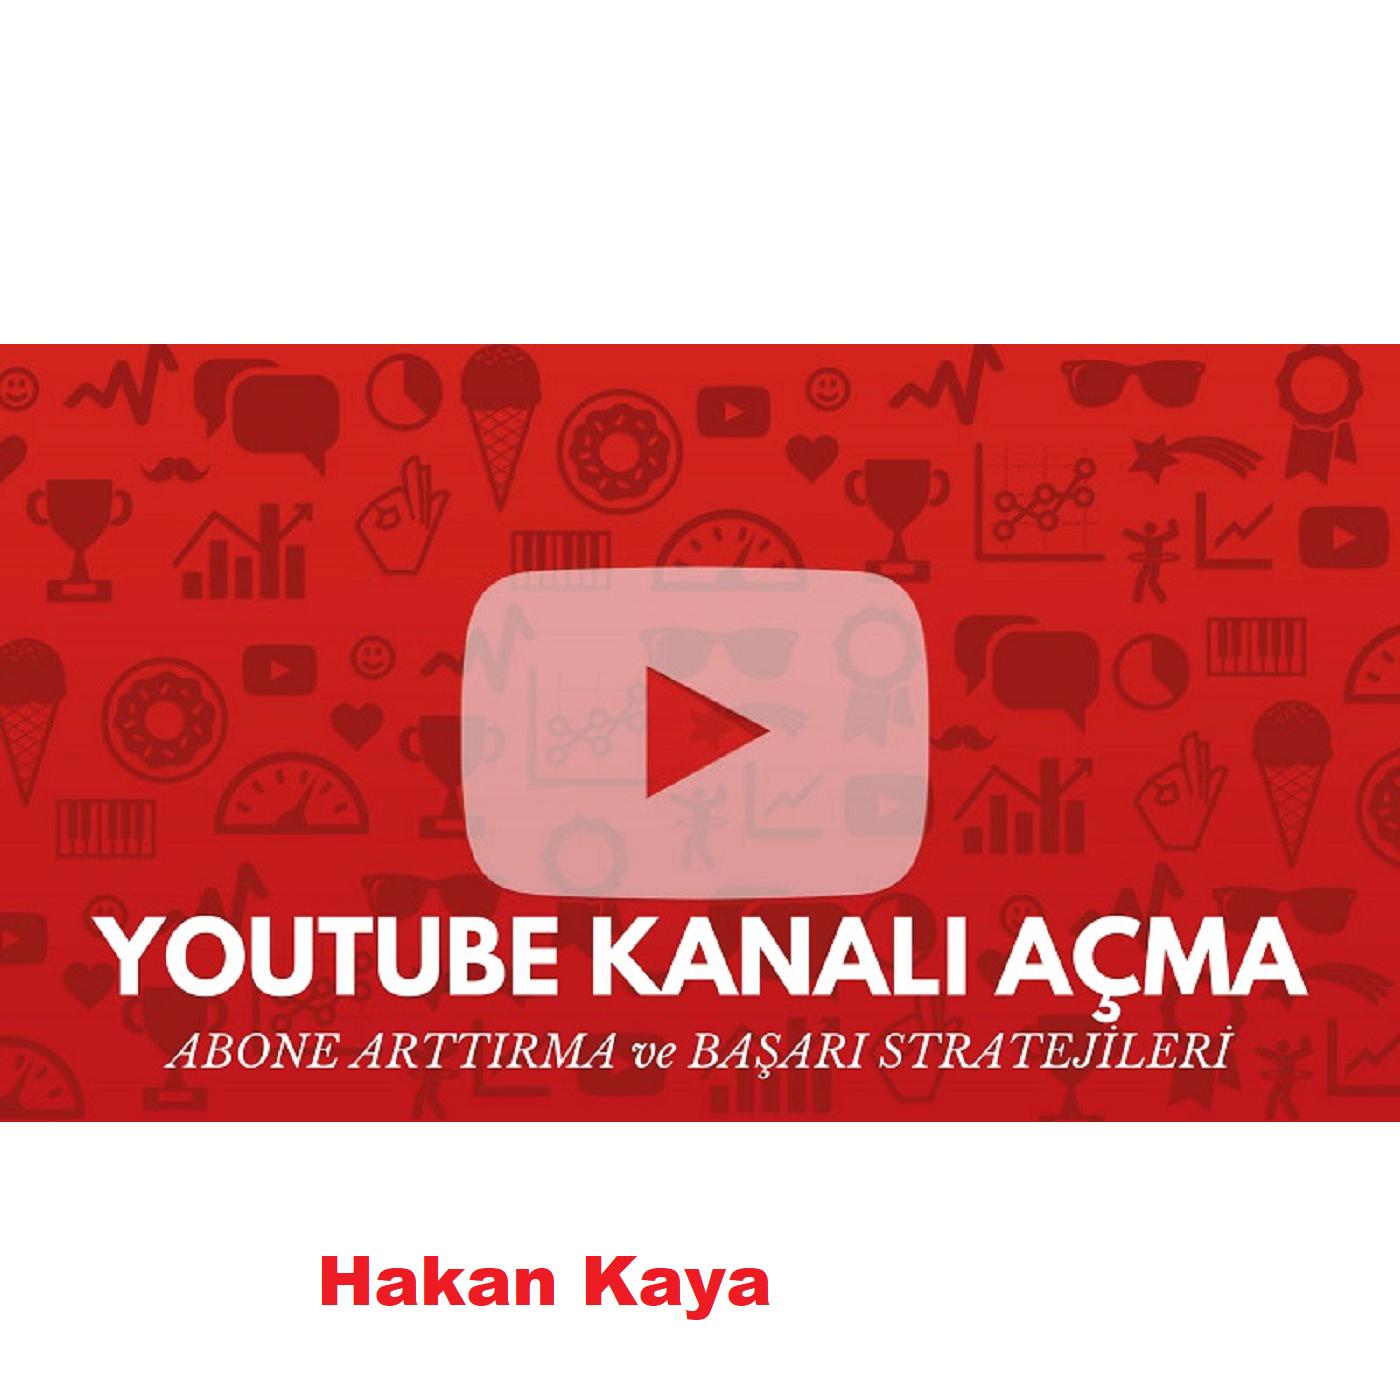 Youtube akanalı açmak, izlenme arttırma, daha fazla abone